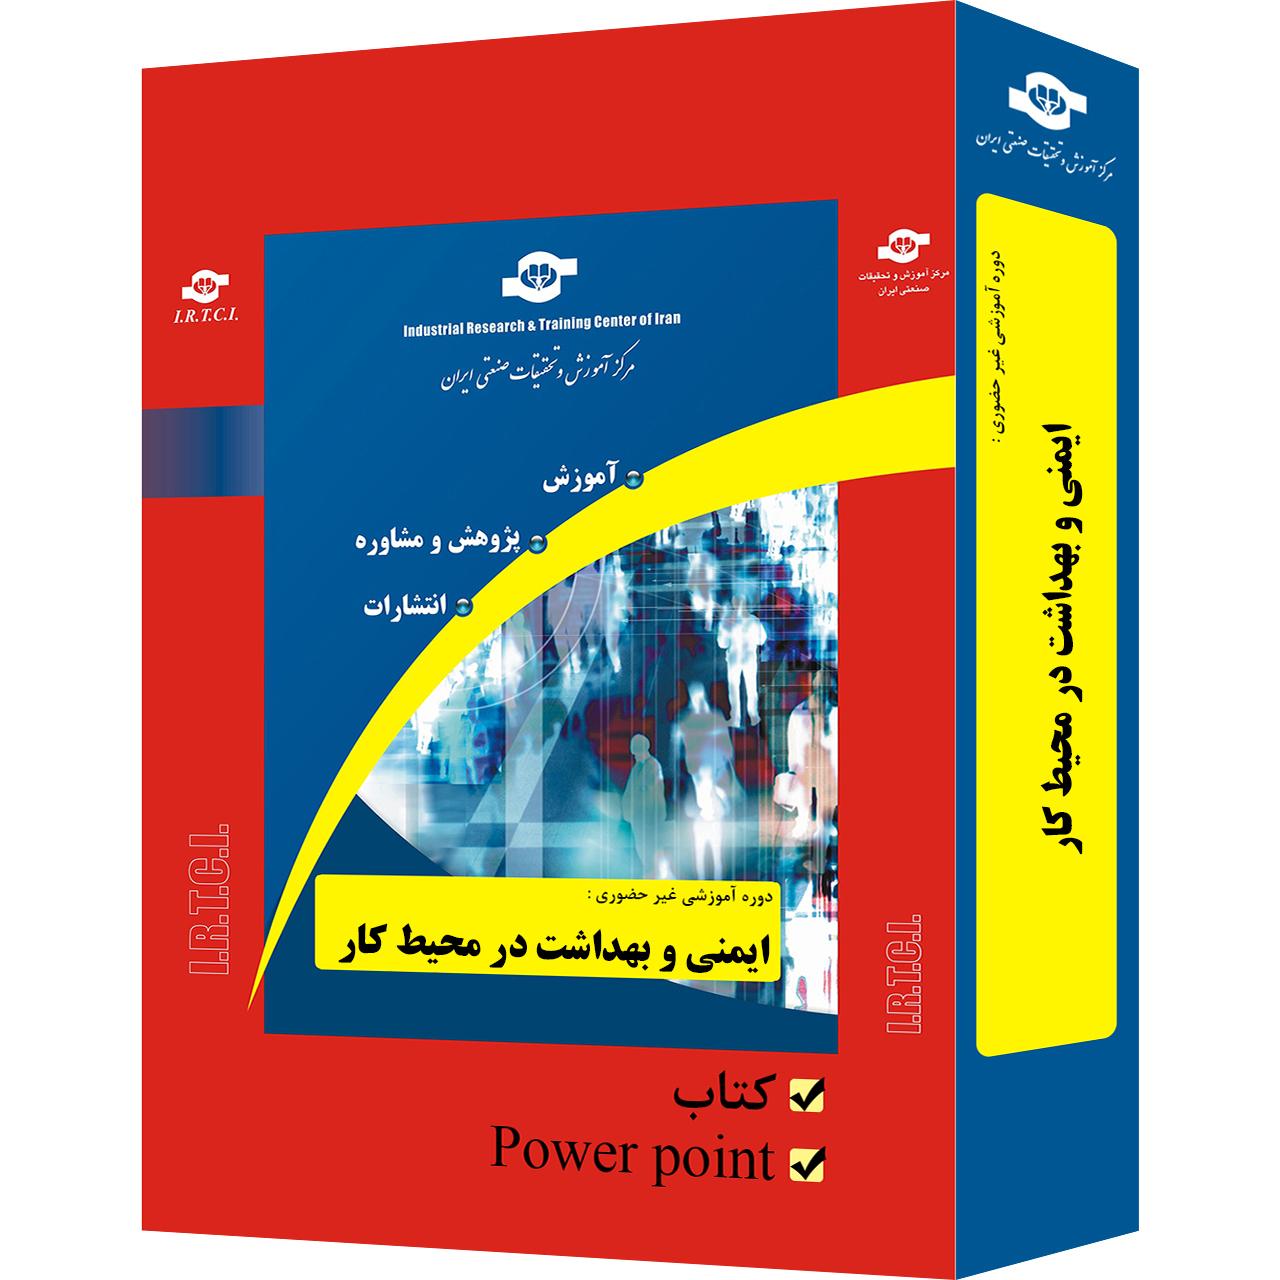 بسته آموزشی غیر حضوری ایمنی و بهداشت در محیط کار نشر مرکز آموزش و تحقیقات صنعتی ایران